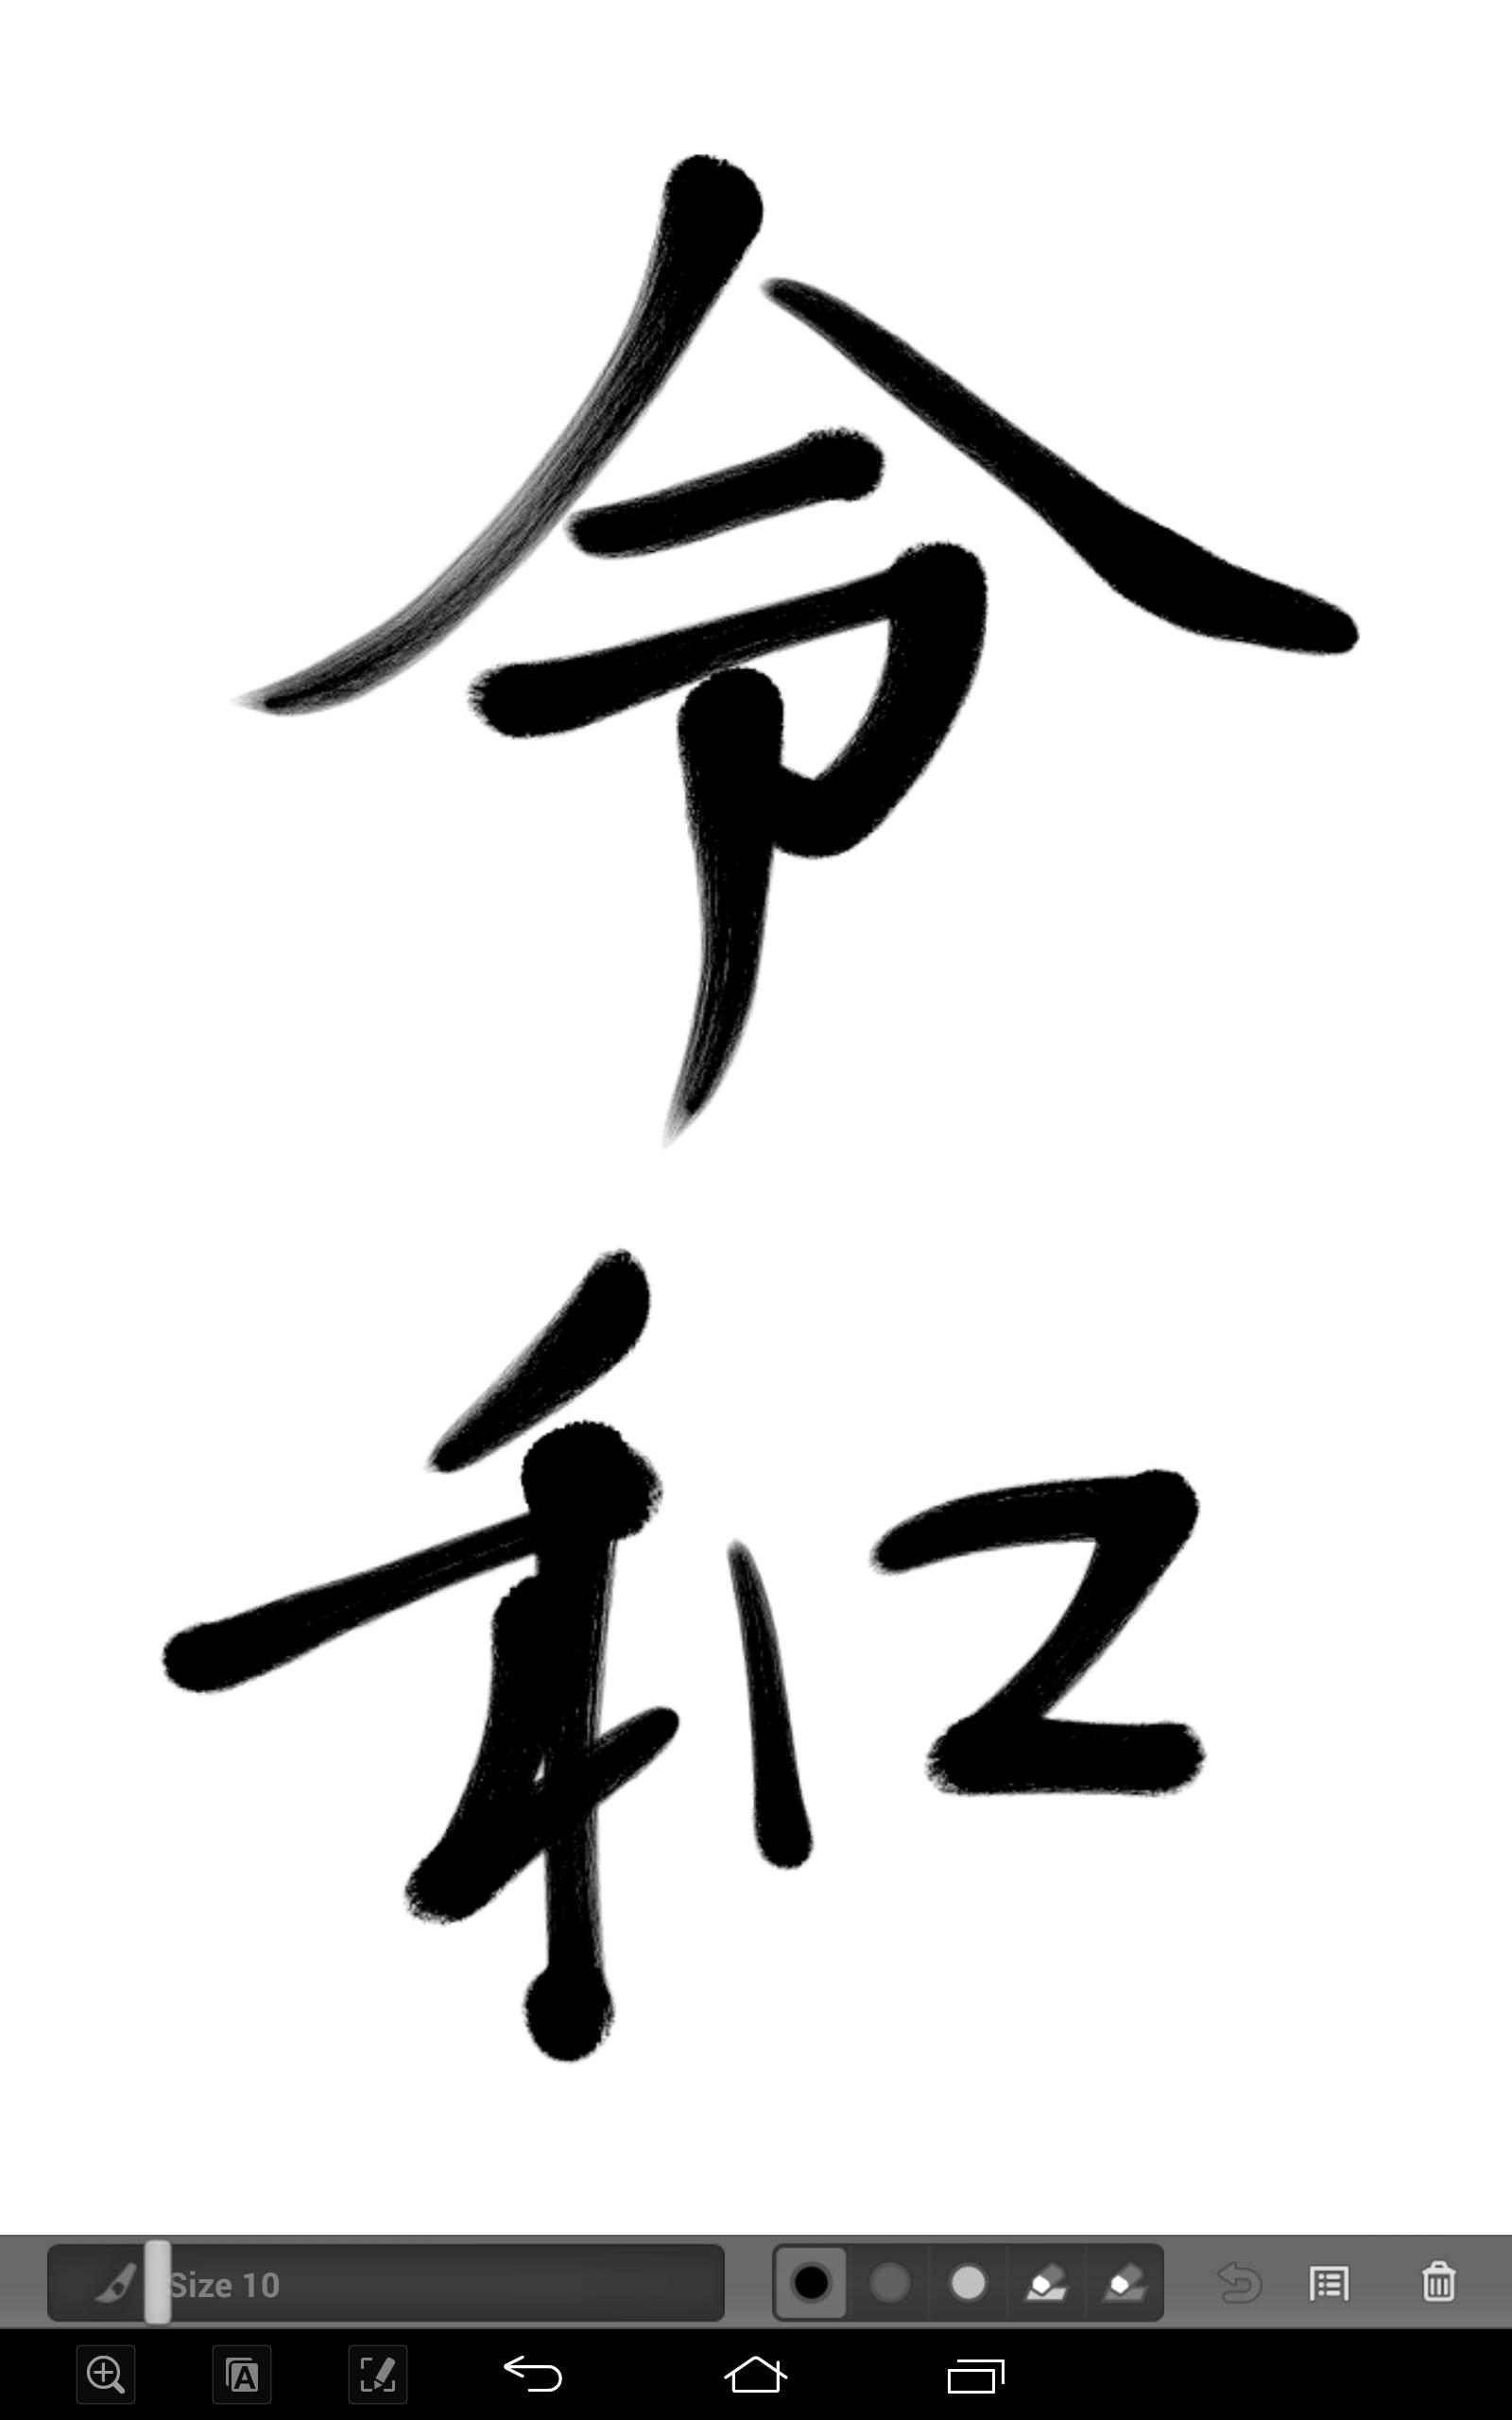 令和を習字で書いてみた その1(スマホアプリ使用)